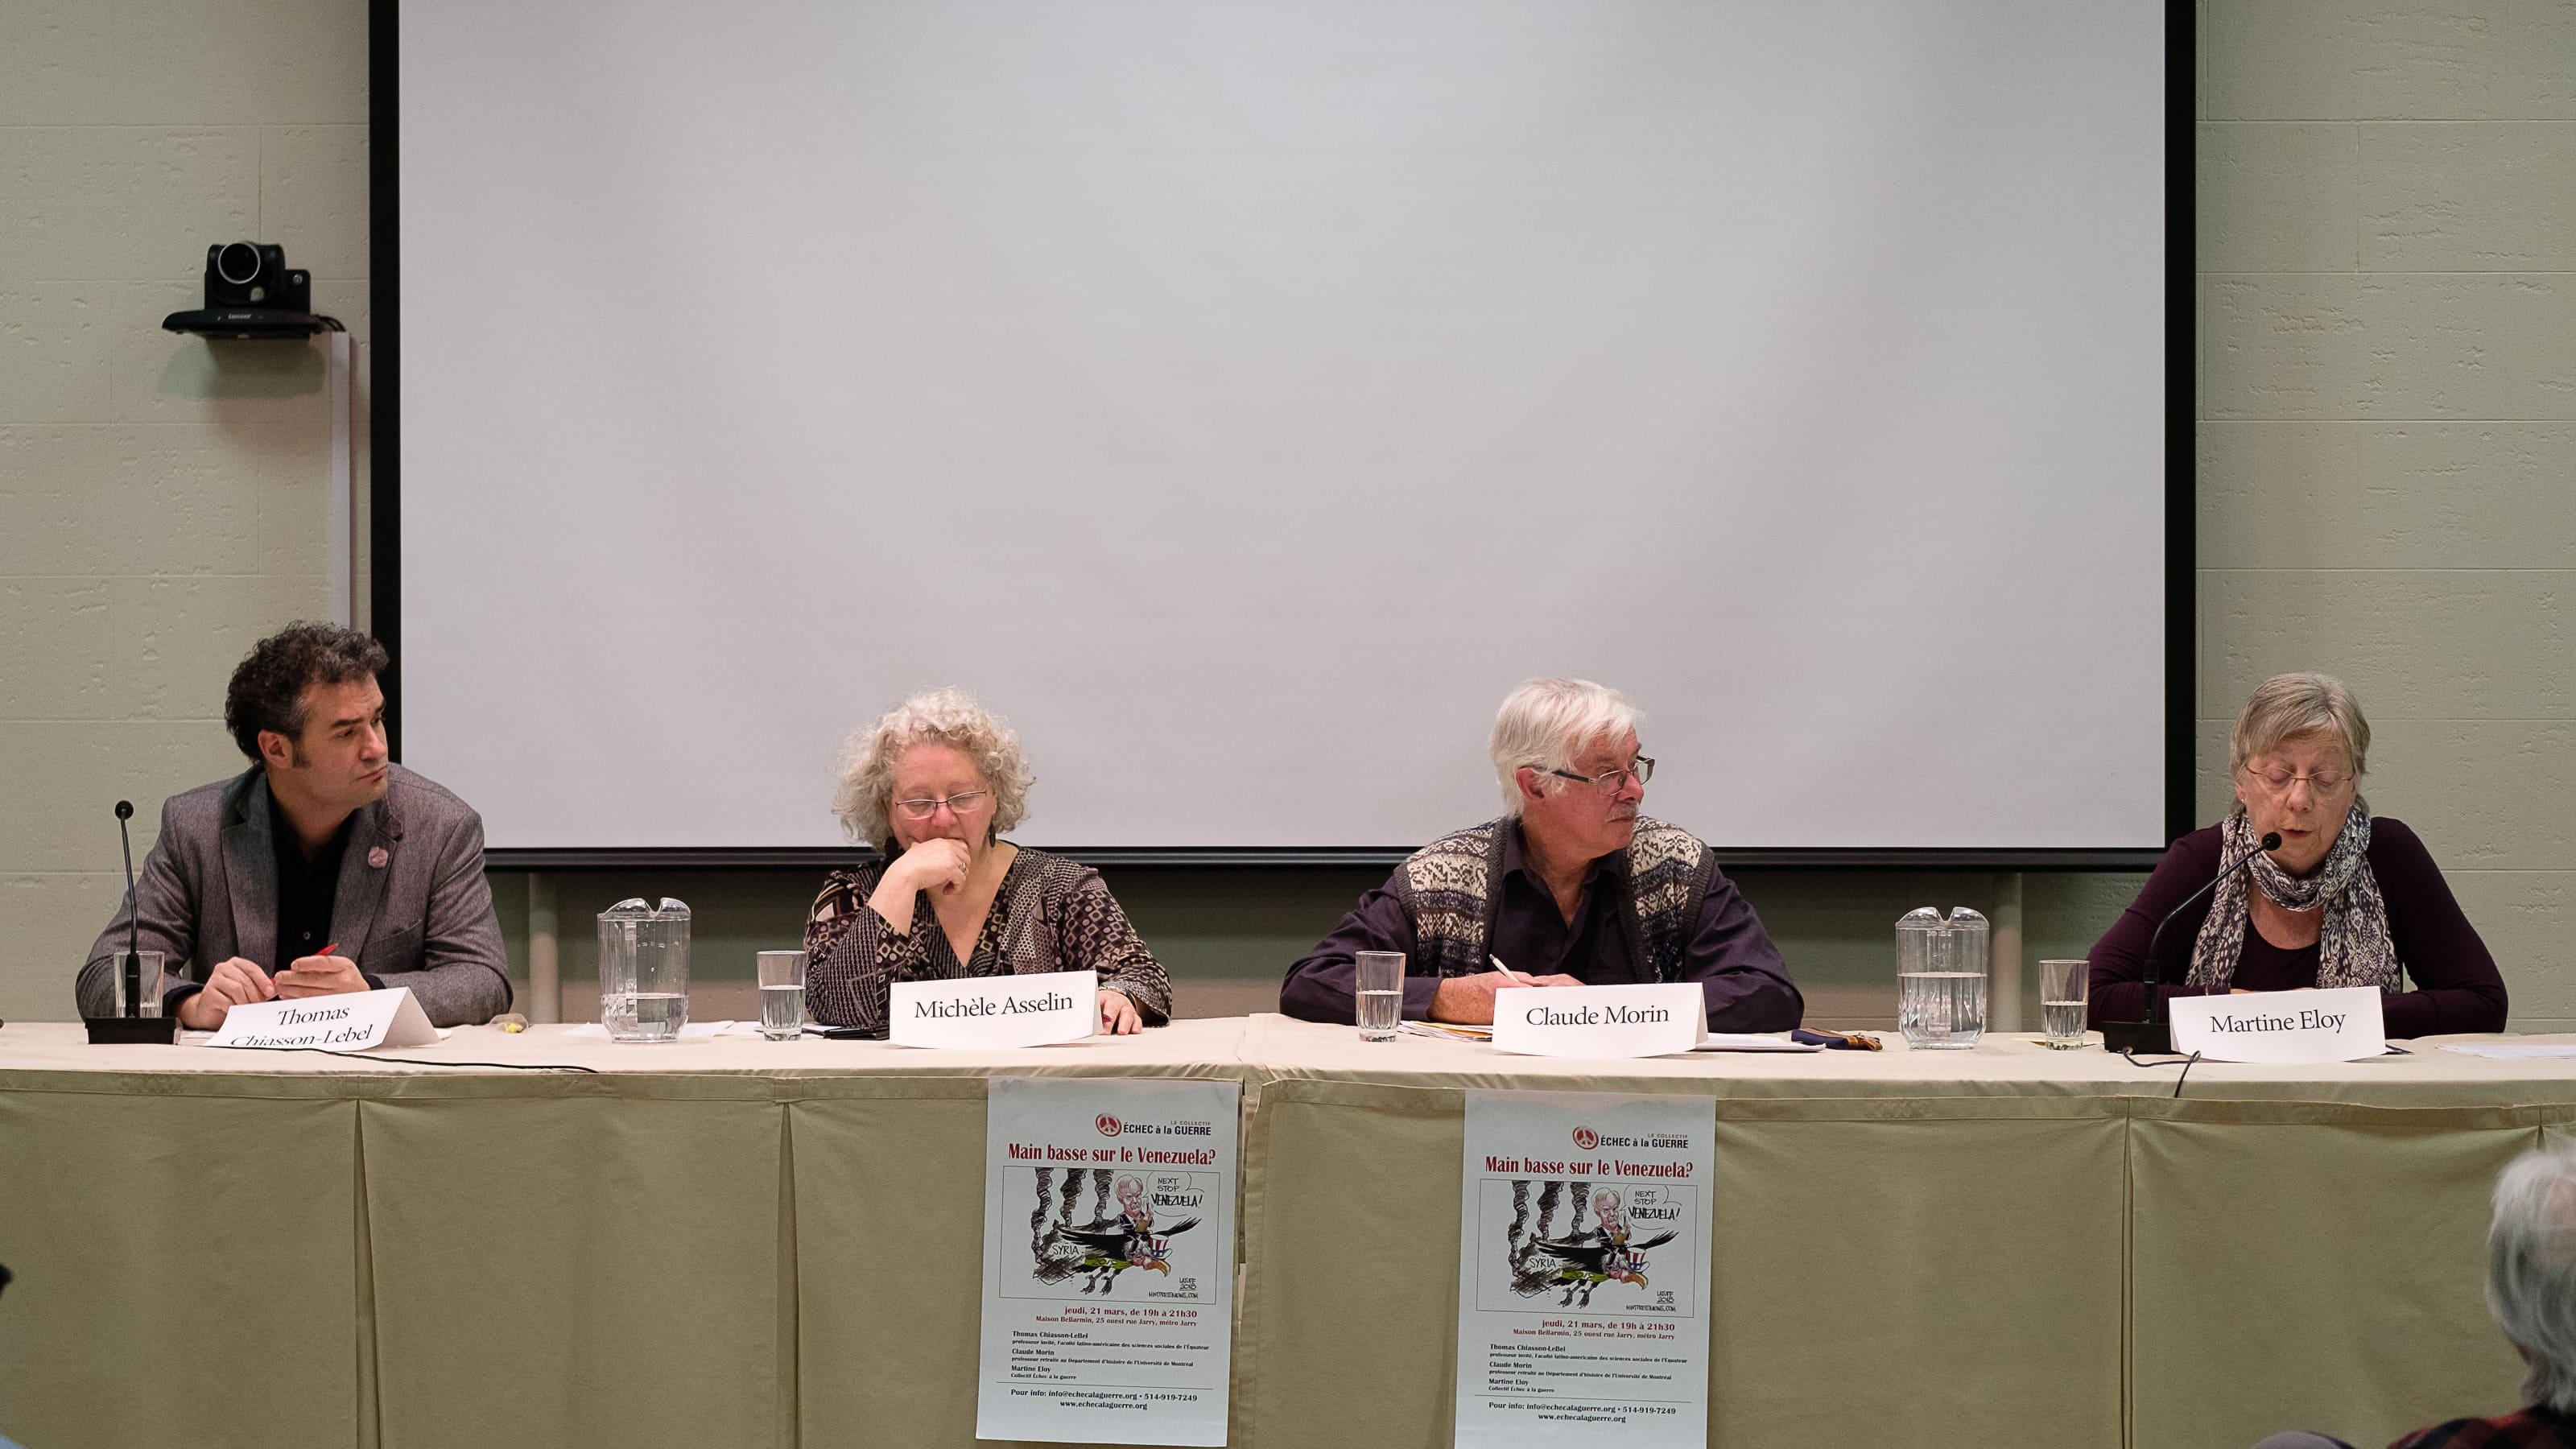 Thomas Chiasson-Lebel, Michèle Asselin, Claude Morin et Martine Eloy. Soirée Main basse sur le Venezuela, 21 mars 2019. Crédit Bernard Gauvin.